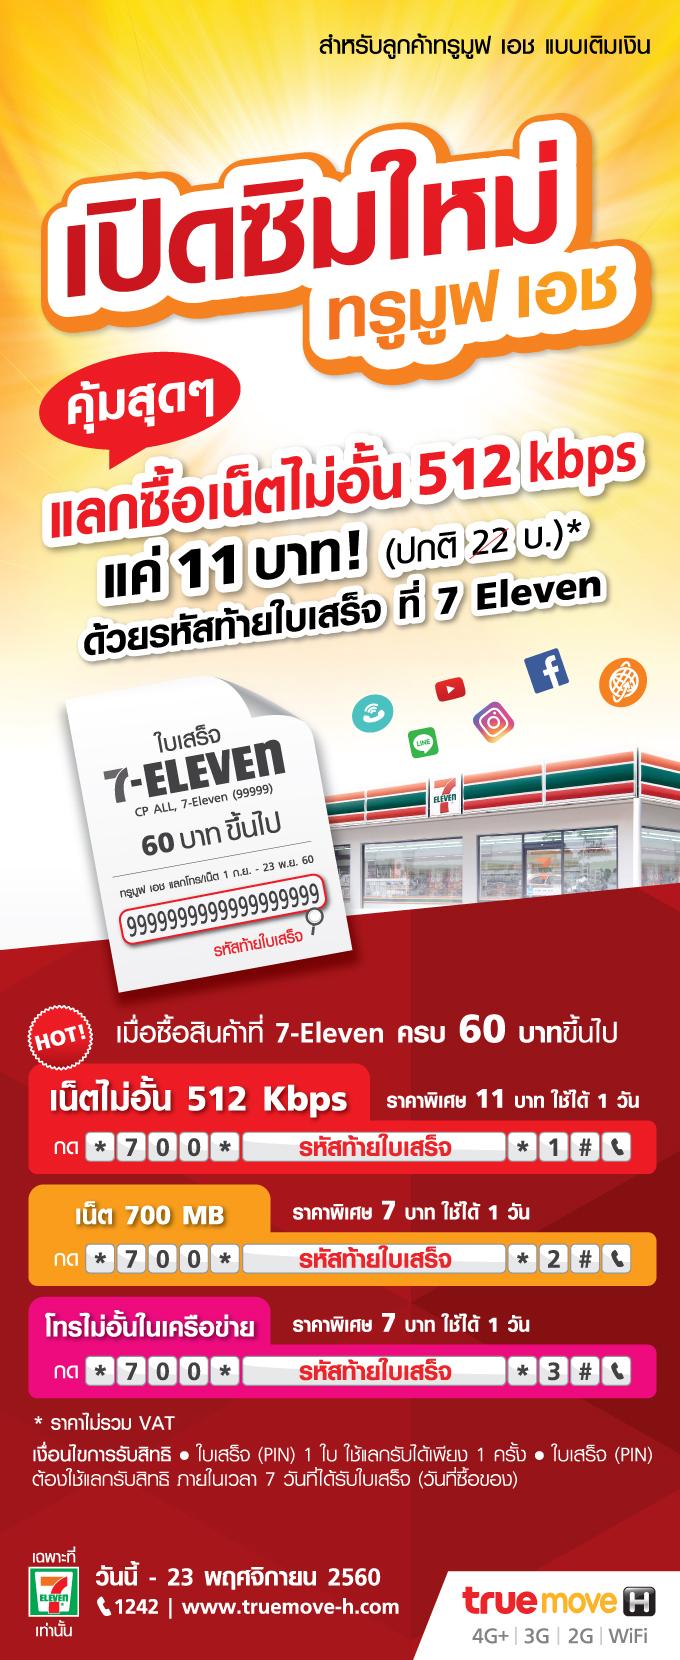 รหัสท้ายใบเสร็จ 7-Eleven แลกค่าเน็ตหรือค่าโทร ราคาพิเศษ!